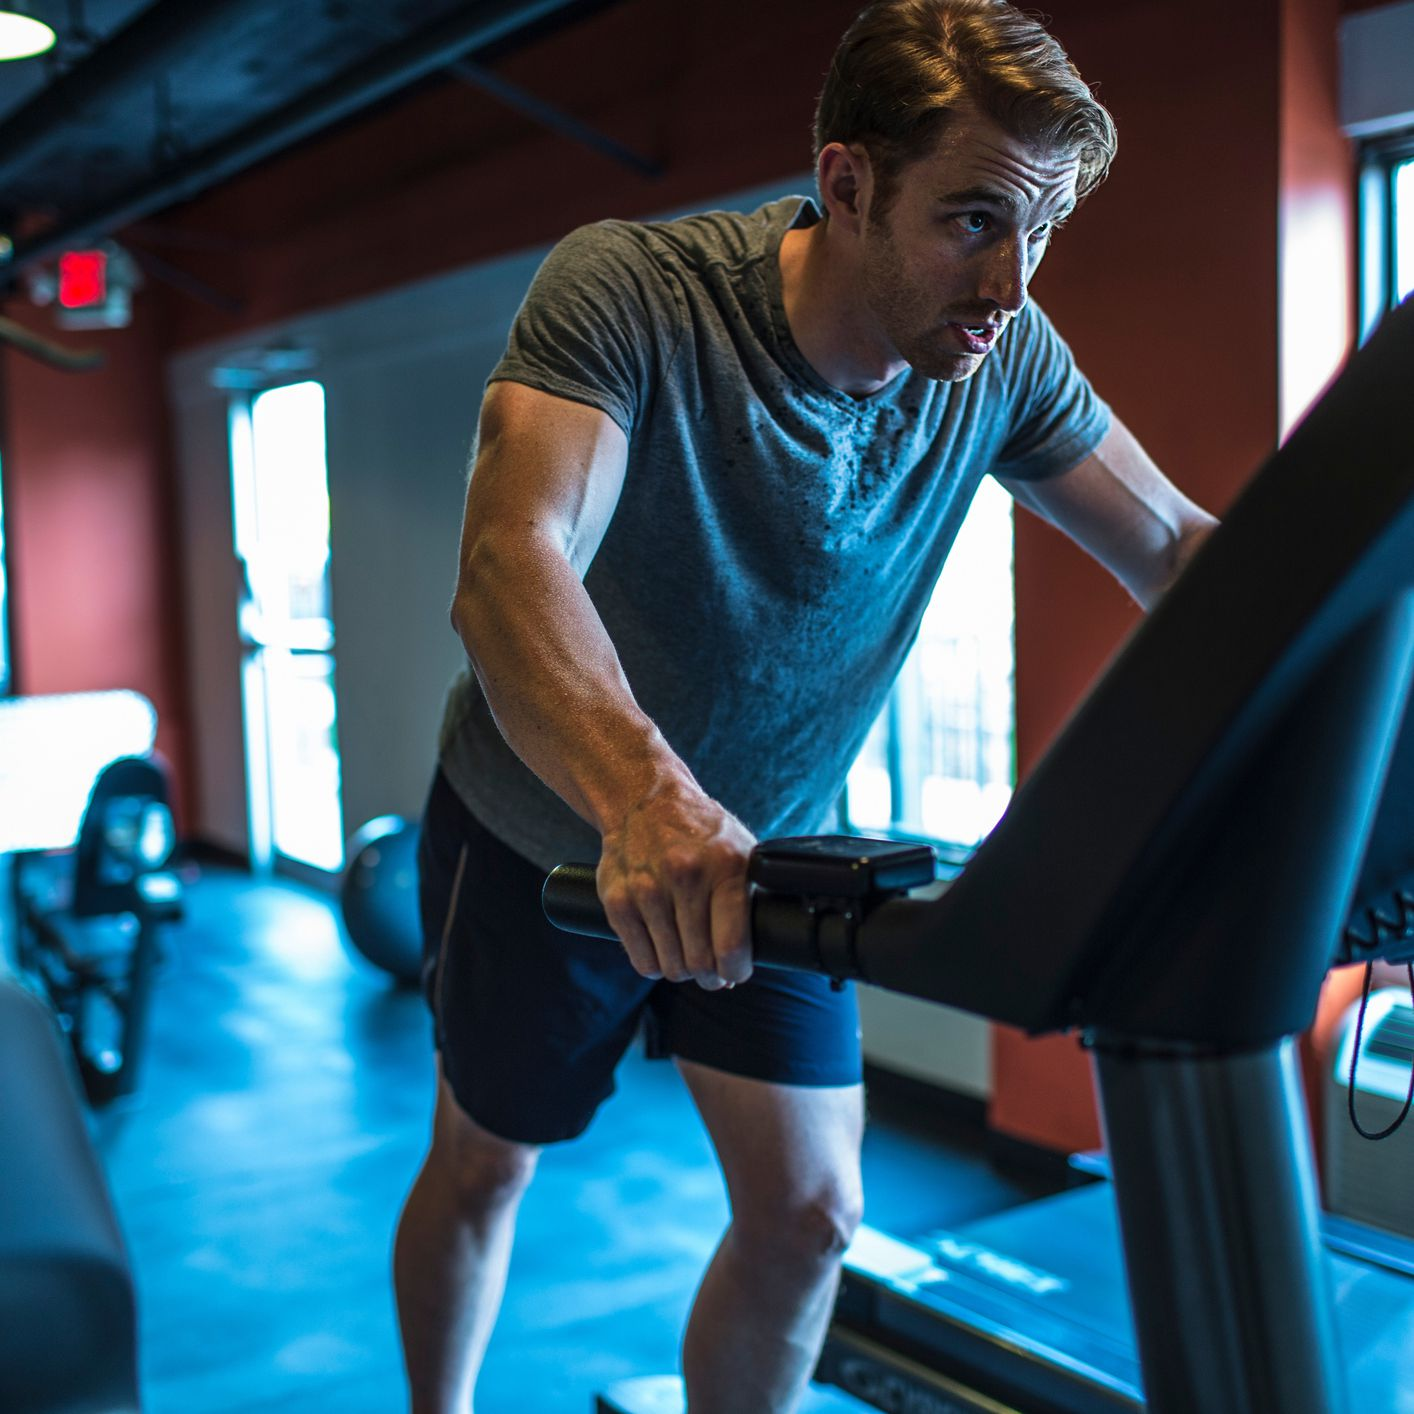 Avoid Feeling Dizzy When Getting Off the Treadmill